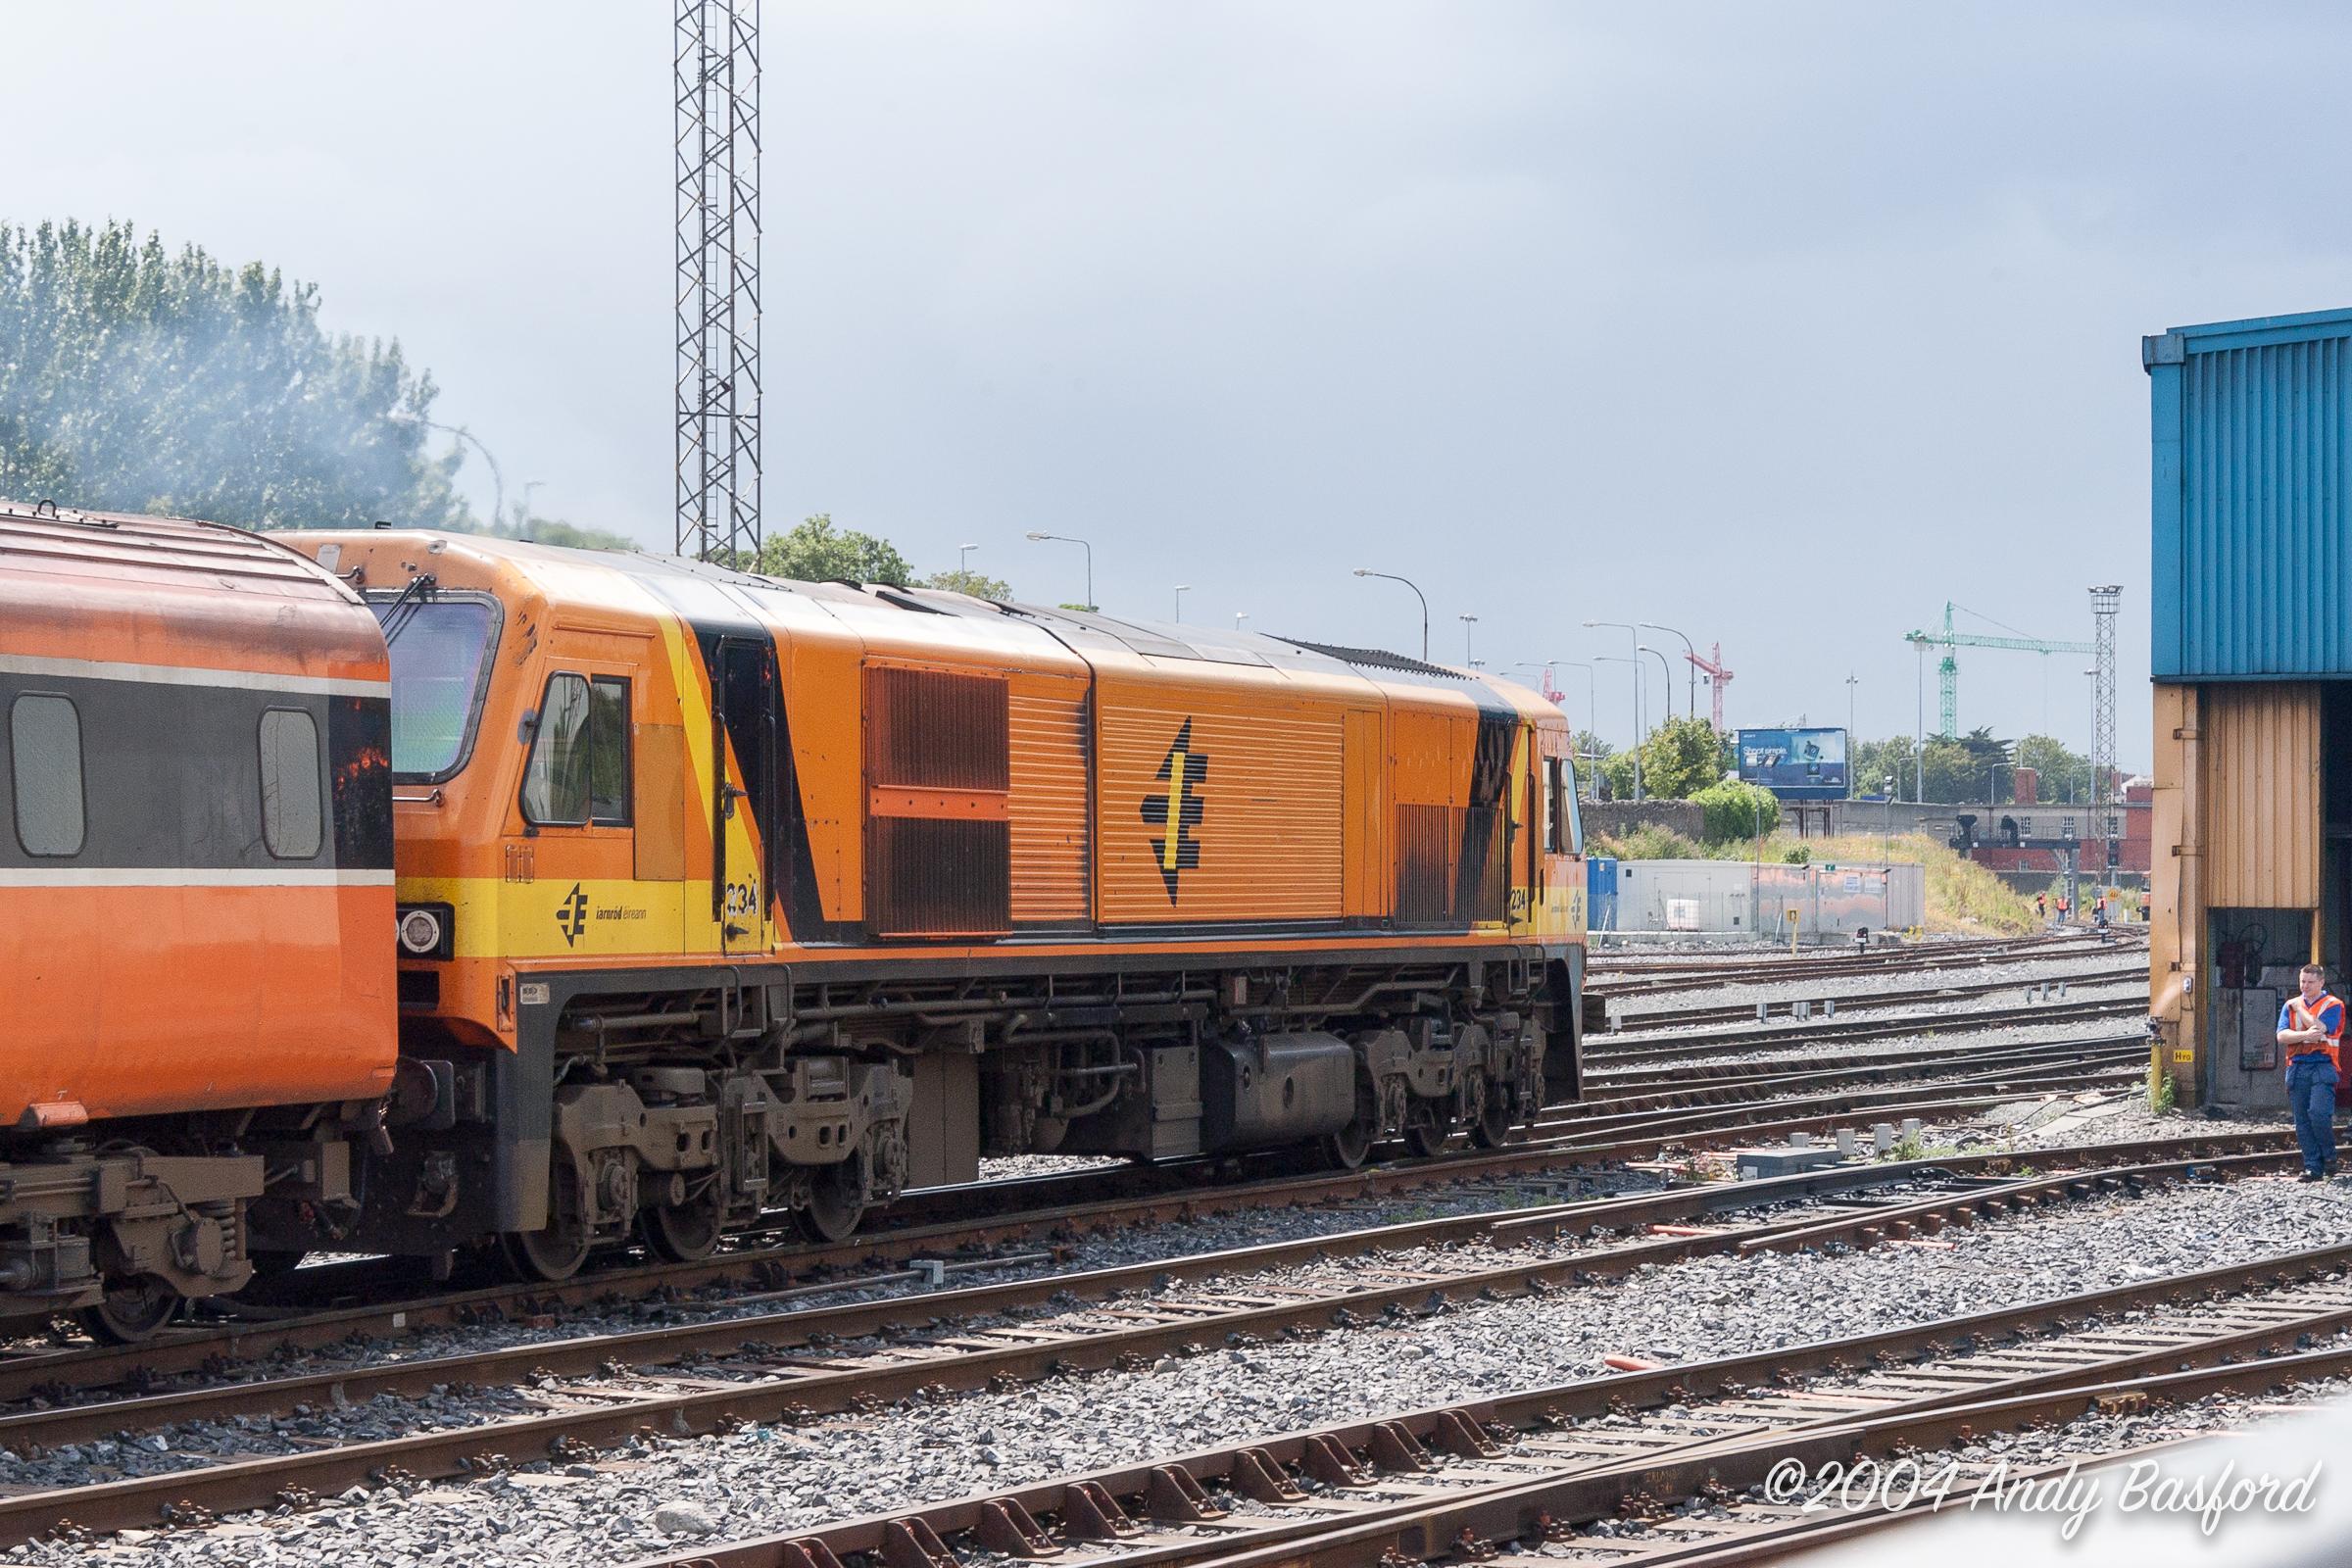 Iarnród Éireann 201 class Co-Co DE 234-20040630